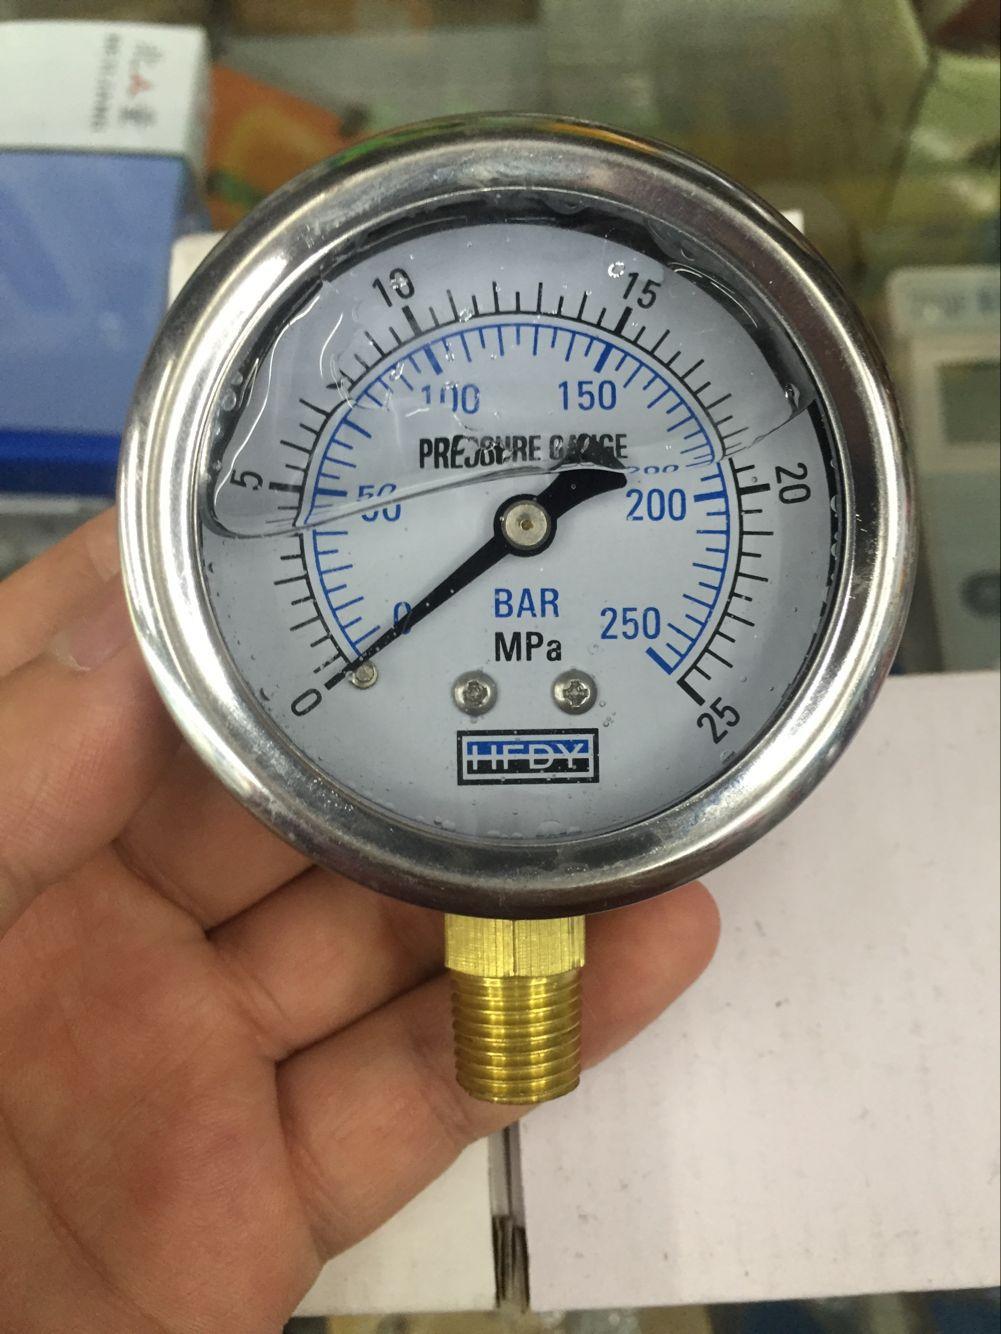 HFDY Đồng hồ đo áp suất chống sốc HFDY YN60 250ebar 25MPA quay số 60MM 1/4 inch